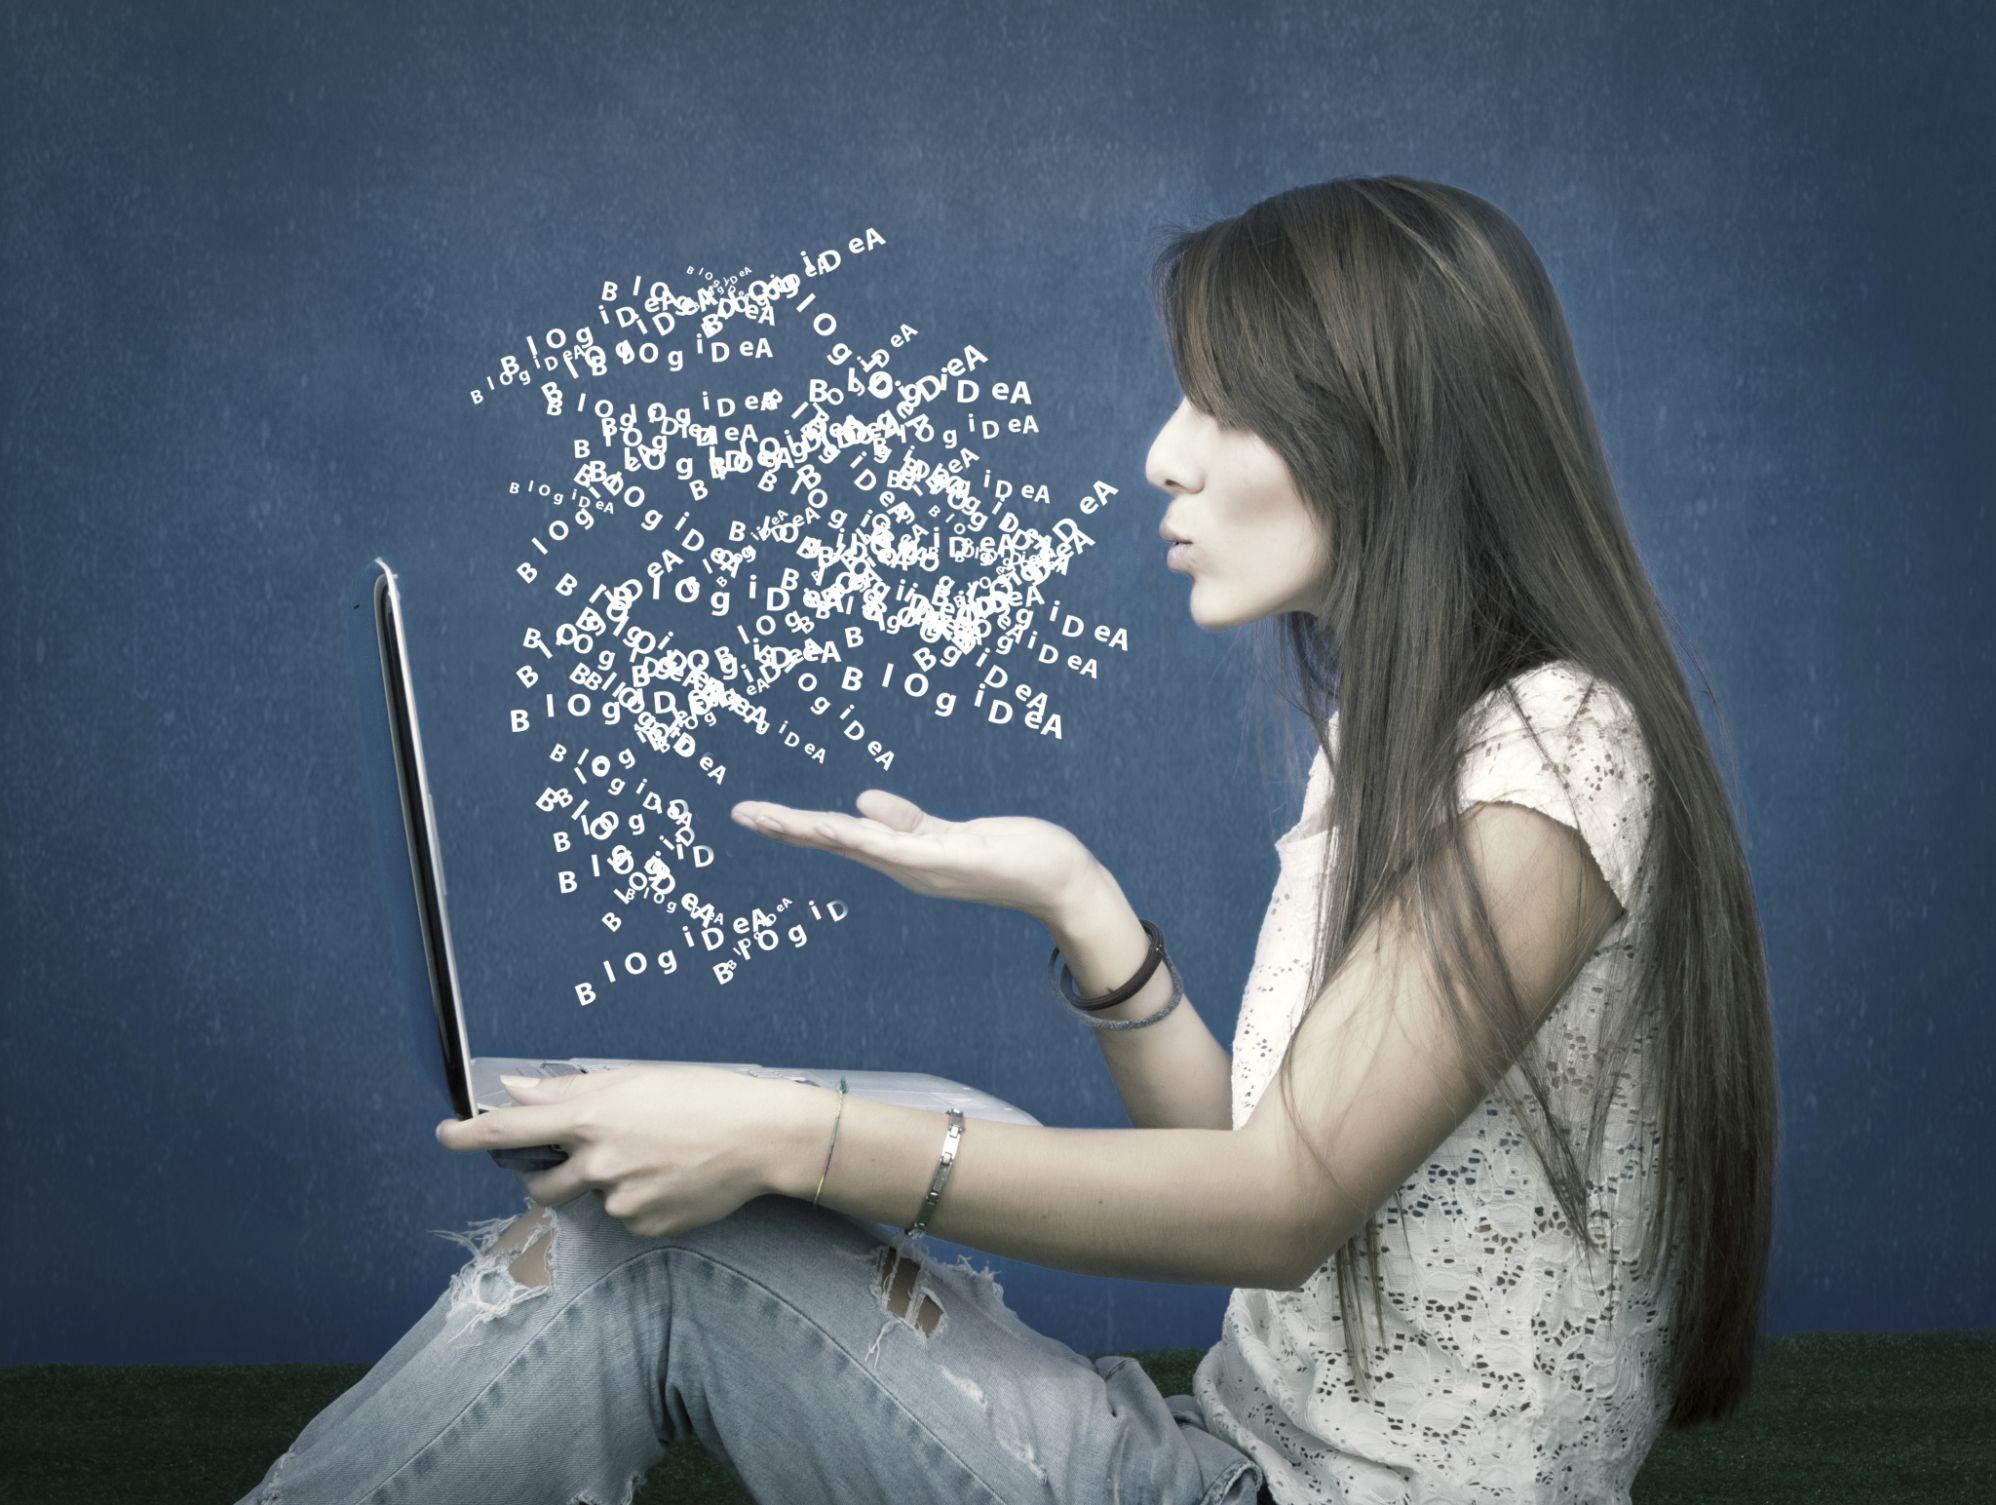 Cómo tu blog puede ayudarte a encontrar empleo